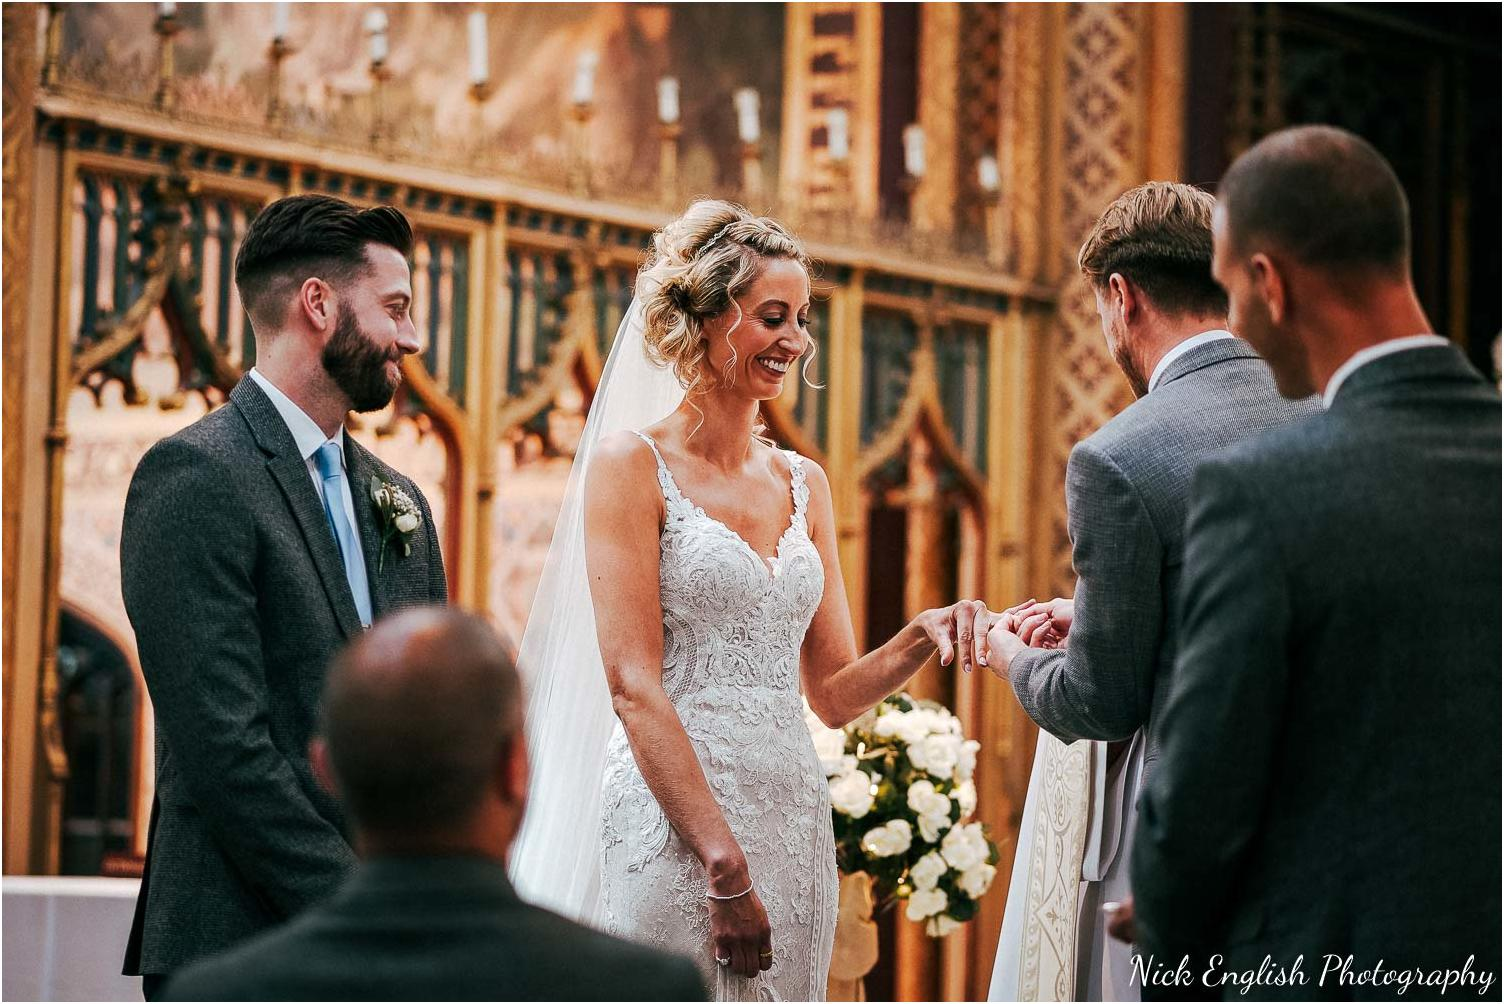 Browsholme_Hall_Tithe_Barn_Wedding_Photographer_Lancashire-40.jpg